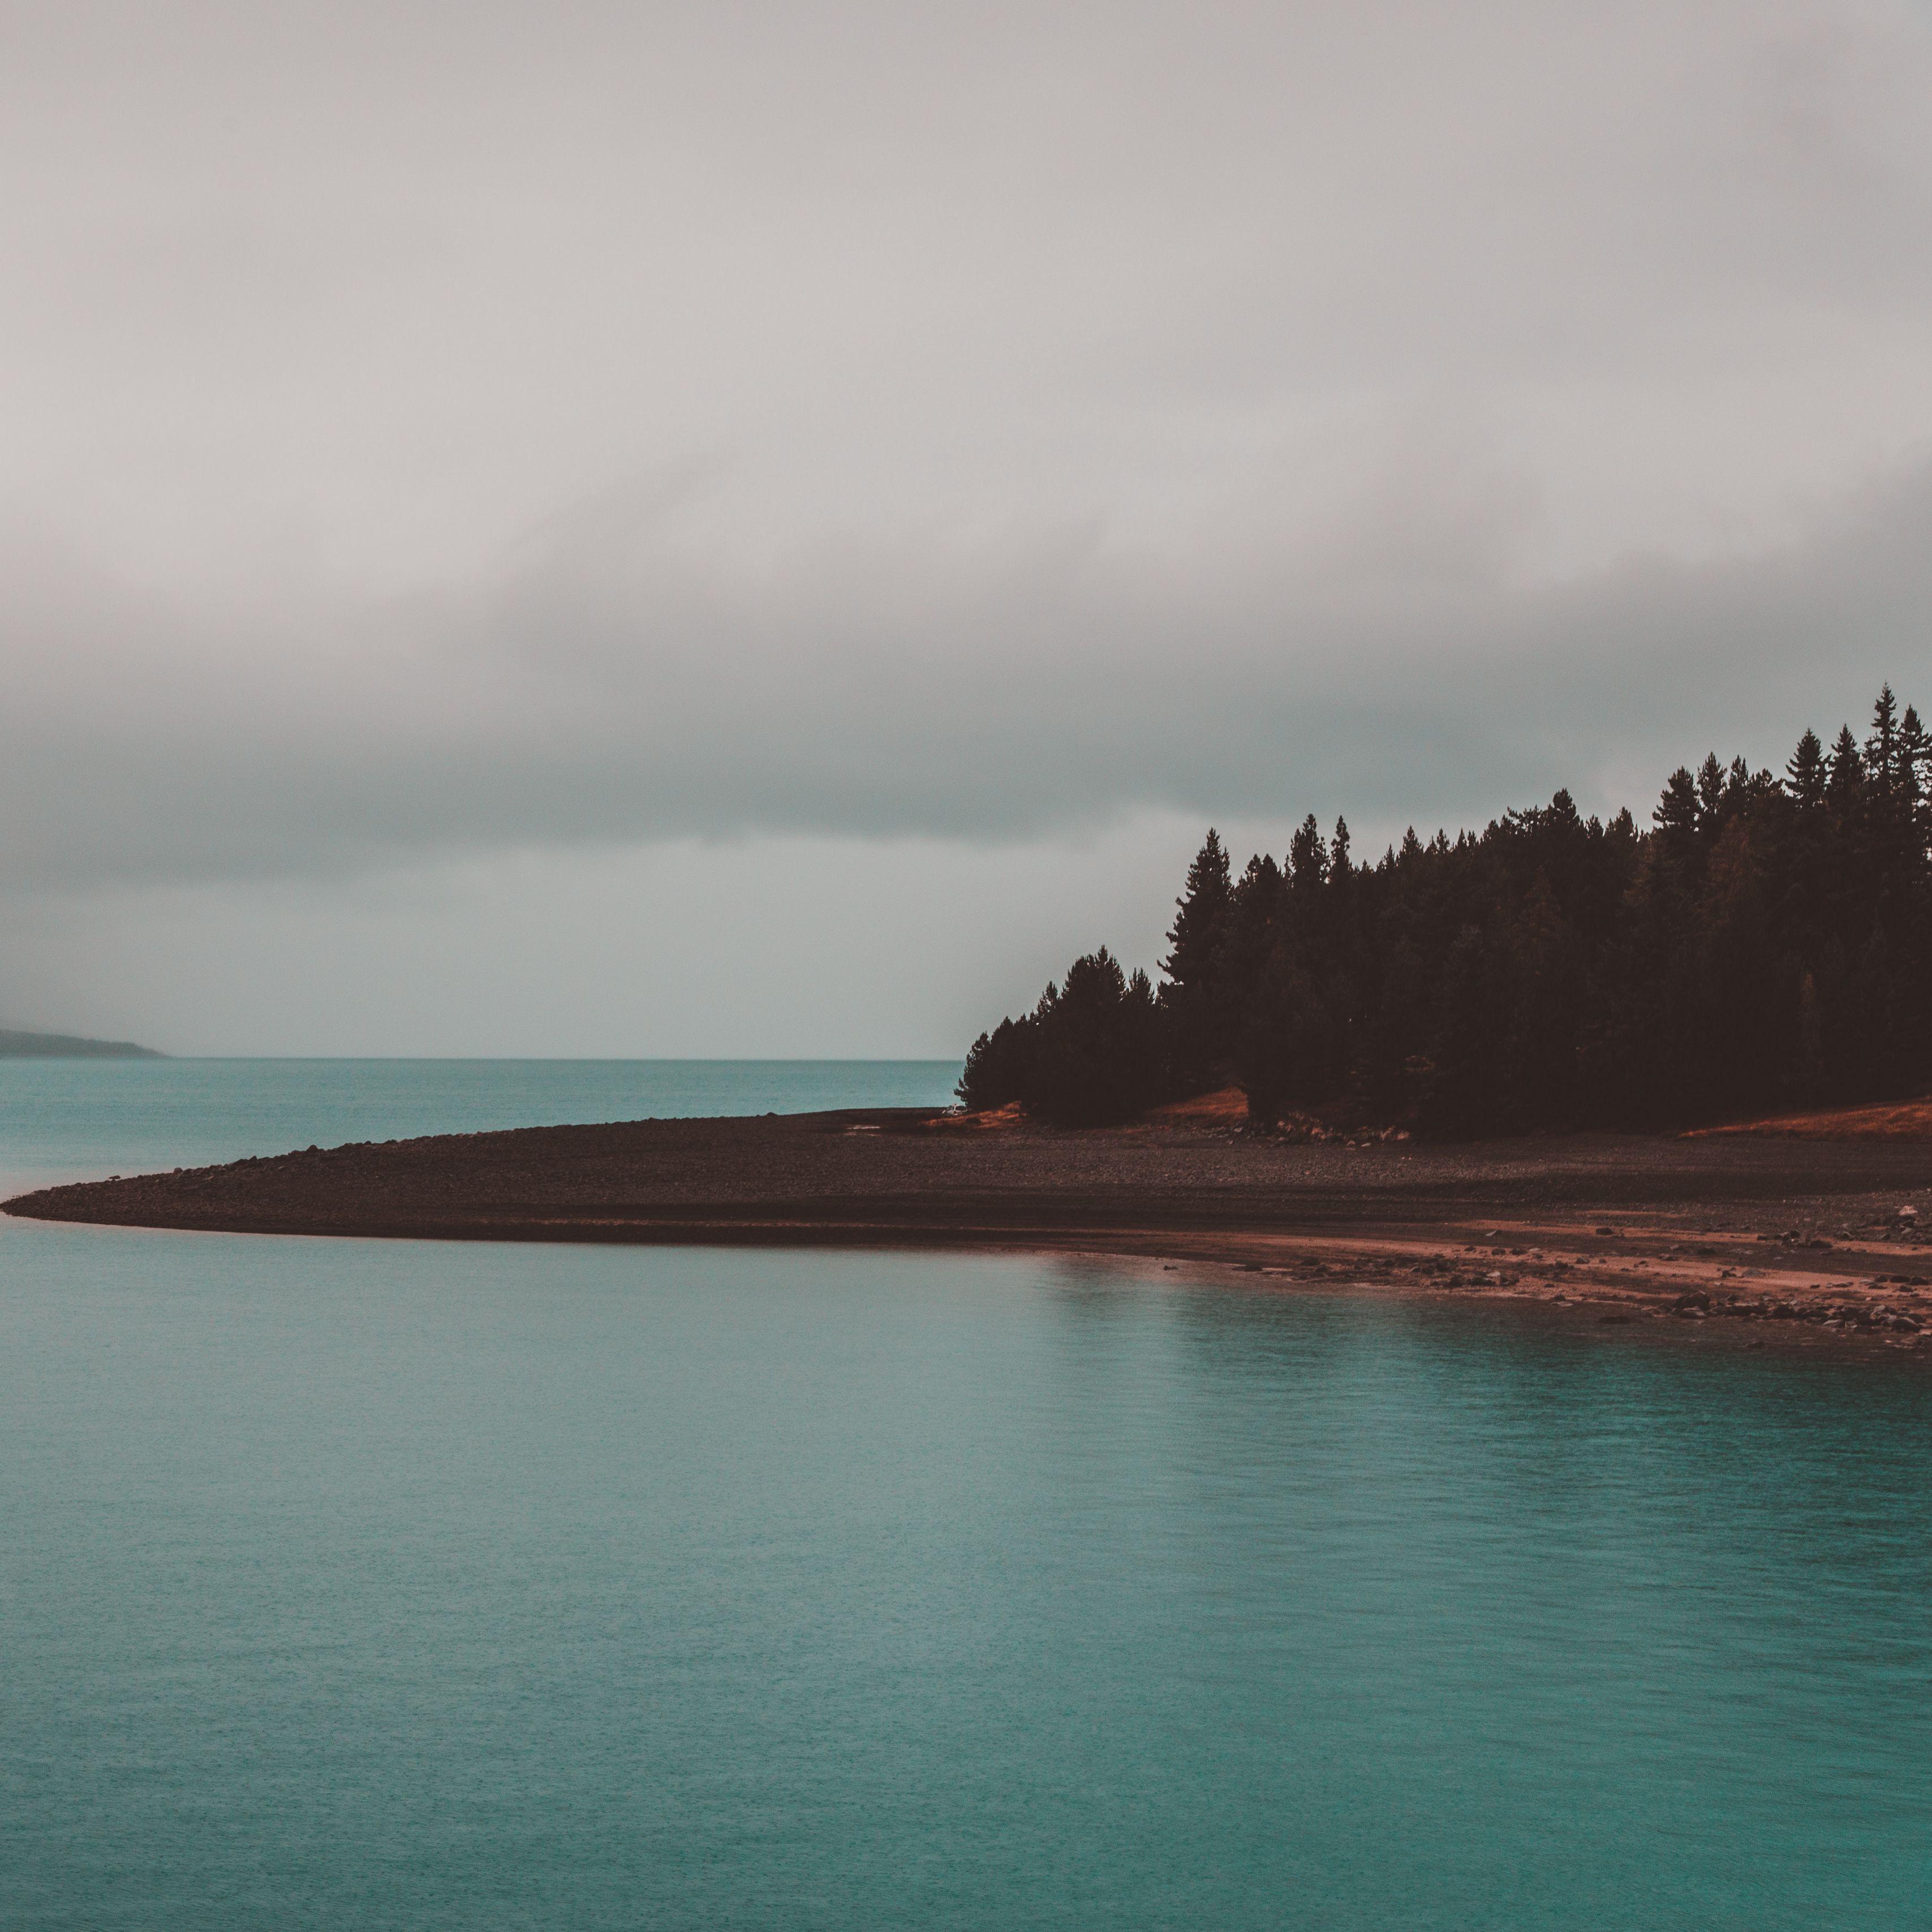 3415x3415 Wallpaper shore, trees, sea